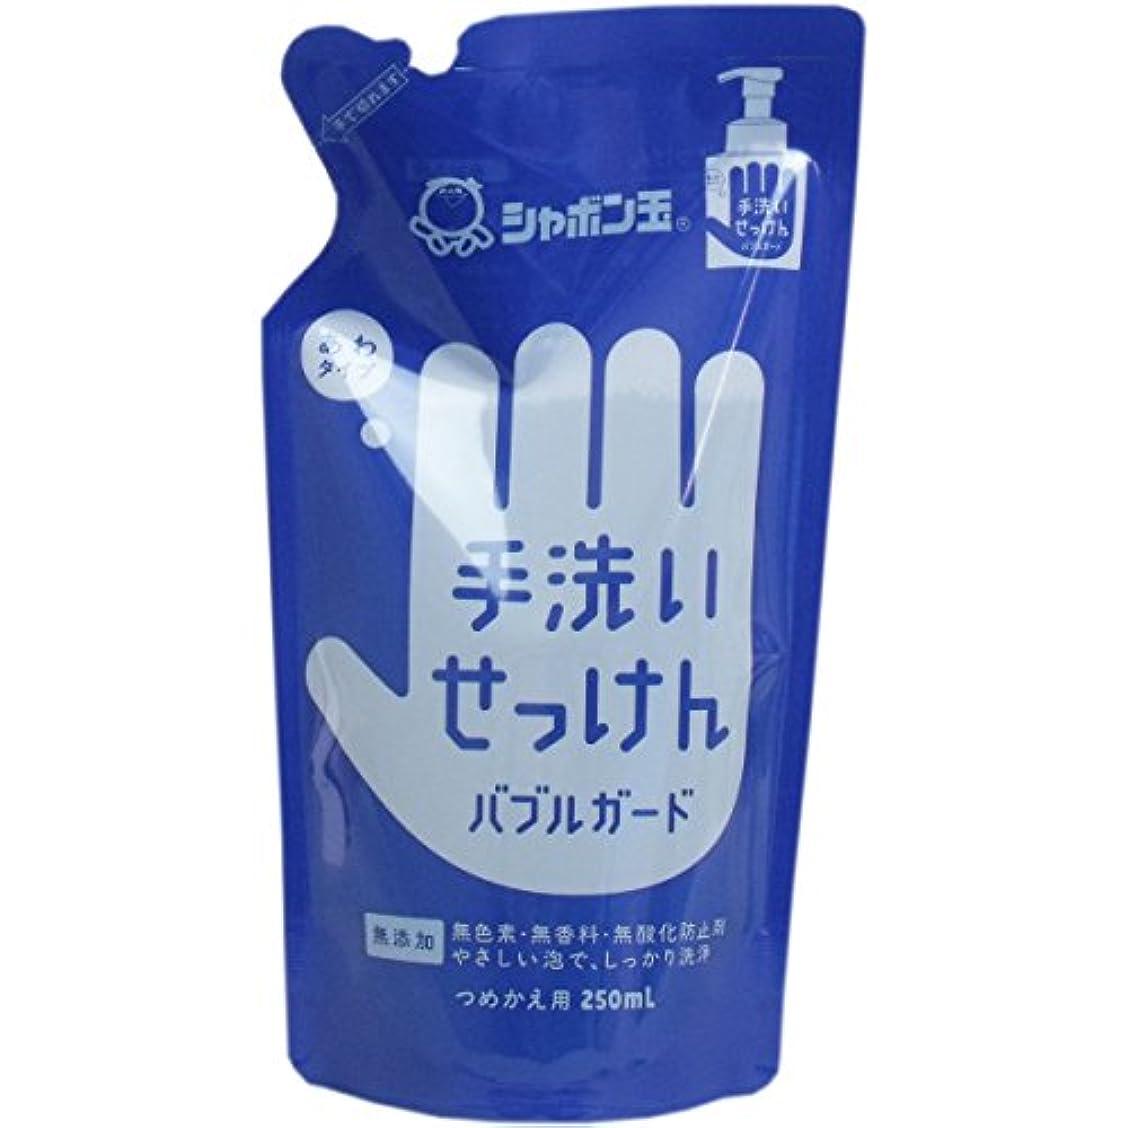 帆絶滅させるひまわりシャボン玉石けん 手洗いせっけん バブルガード 詰め替え用 250ml 【12個セット】